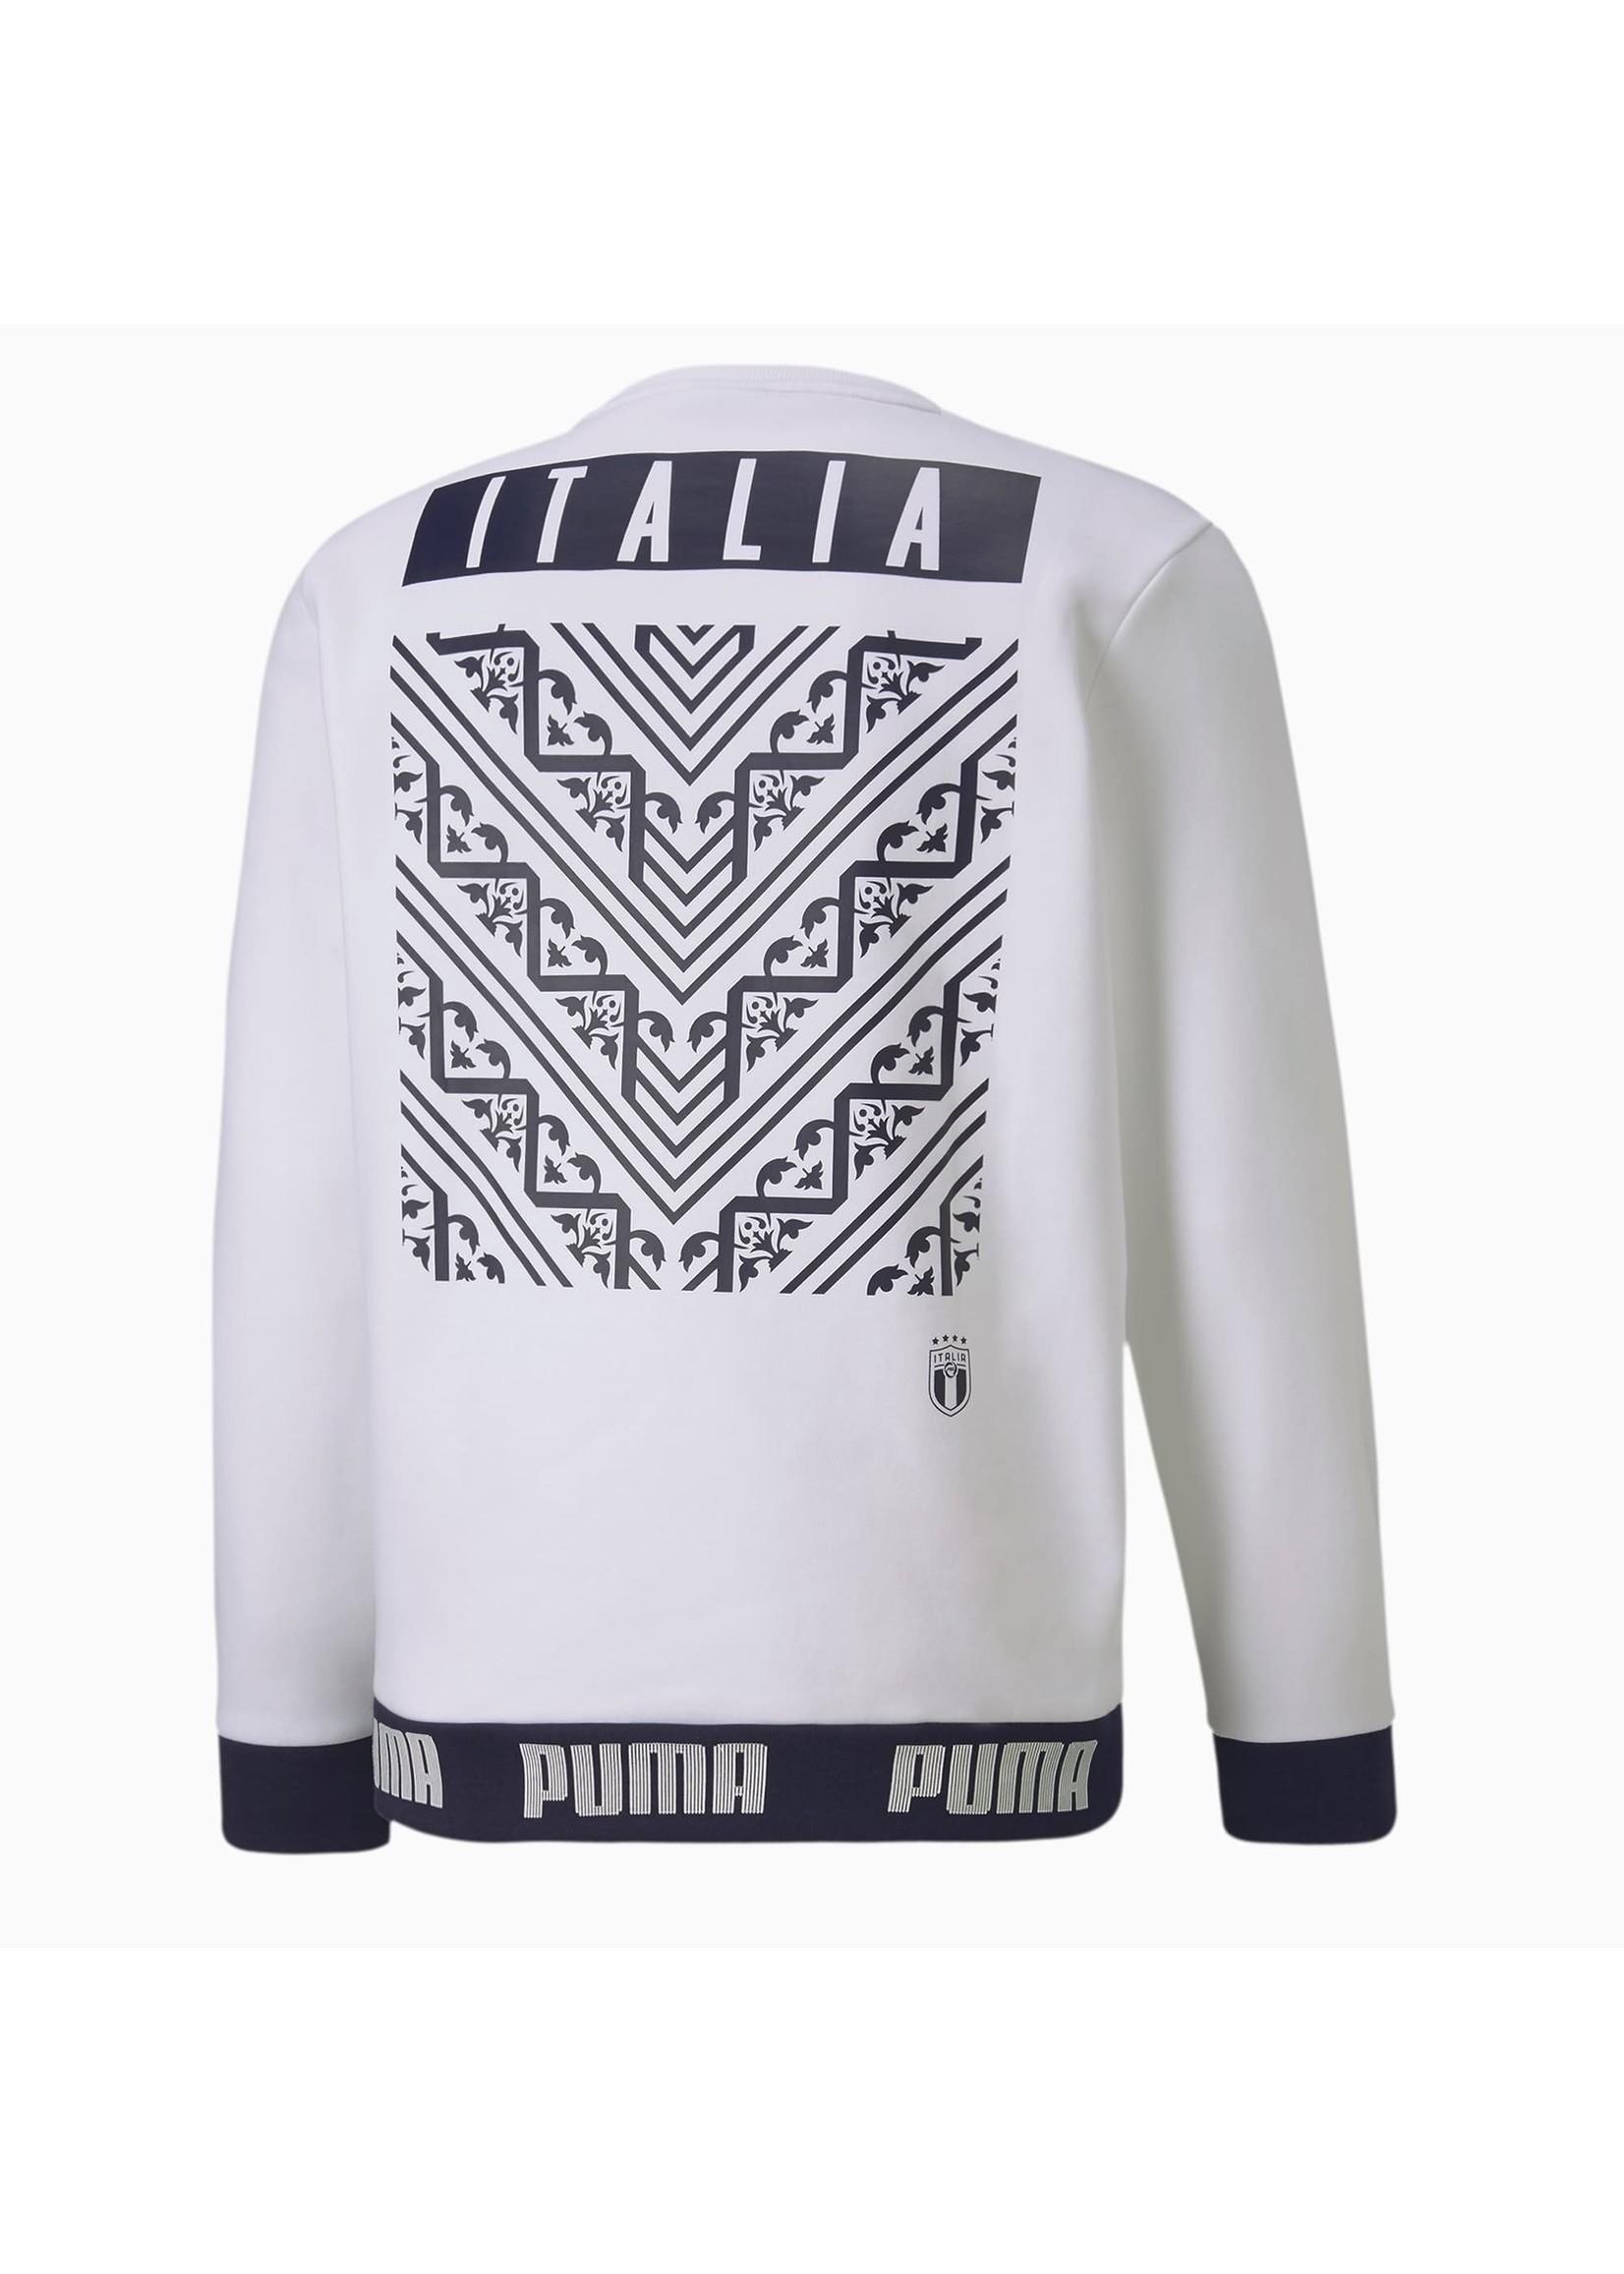 Puma Italy Sweatshirt - Euro 2020 Away